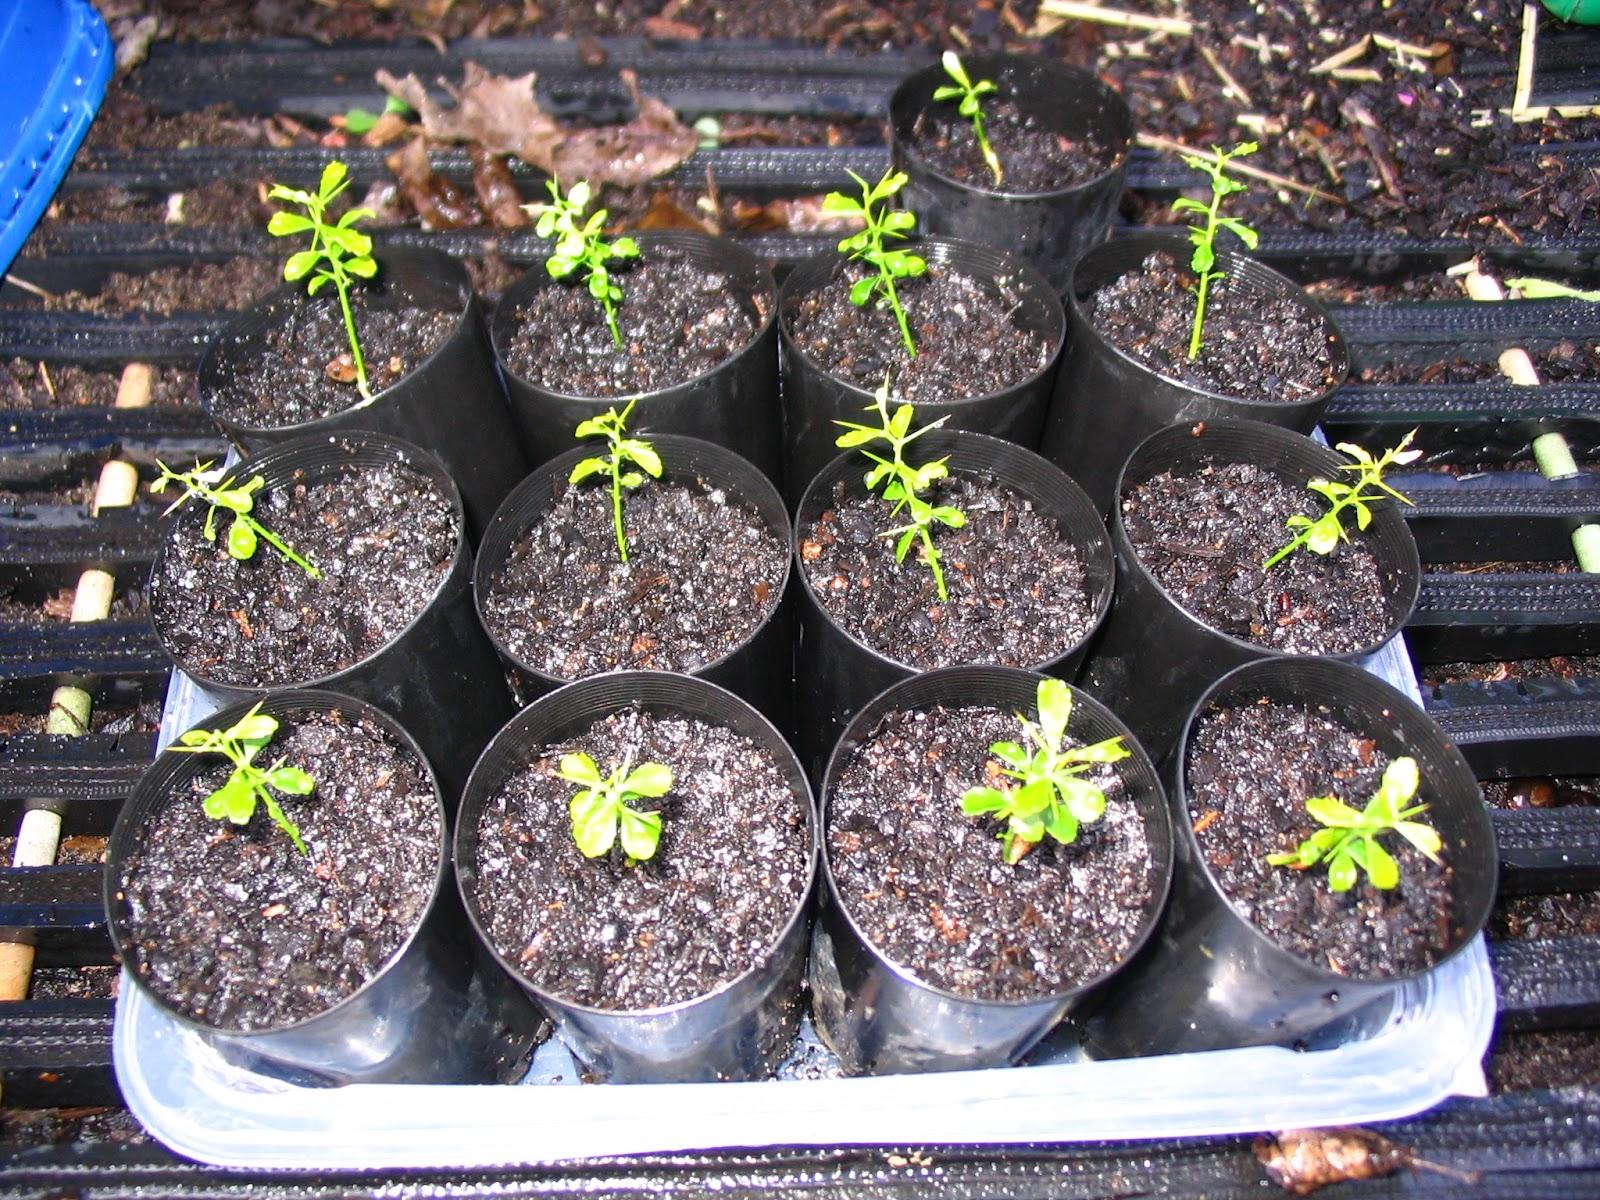 how to break up soil when planting seedlings